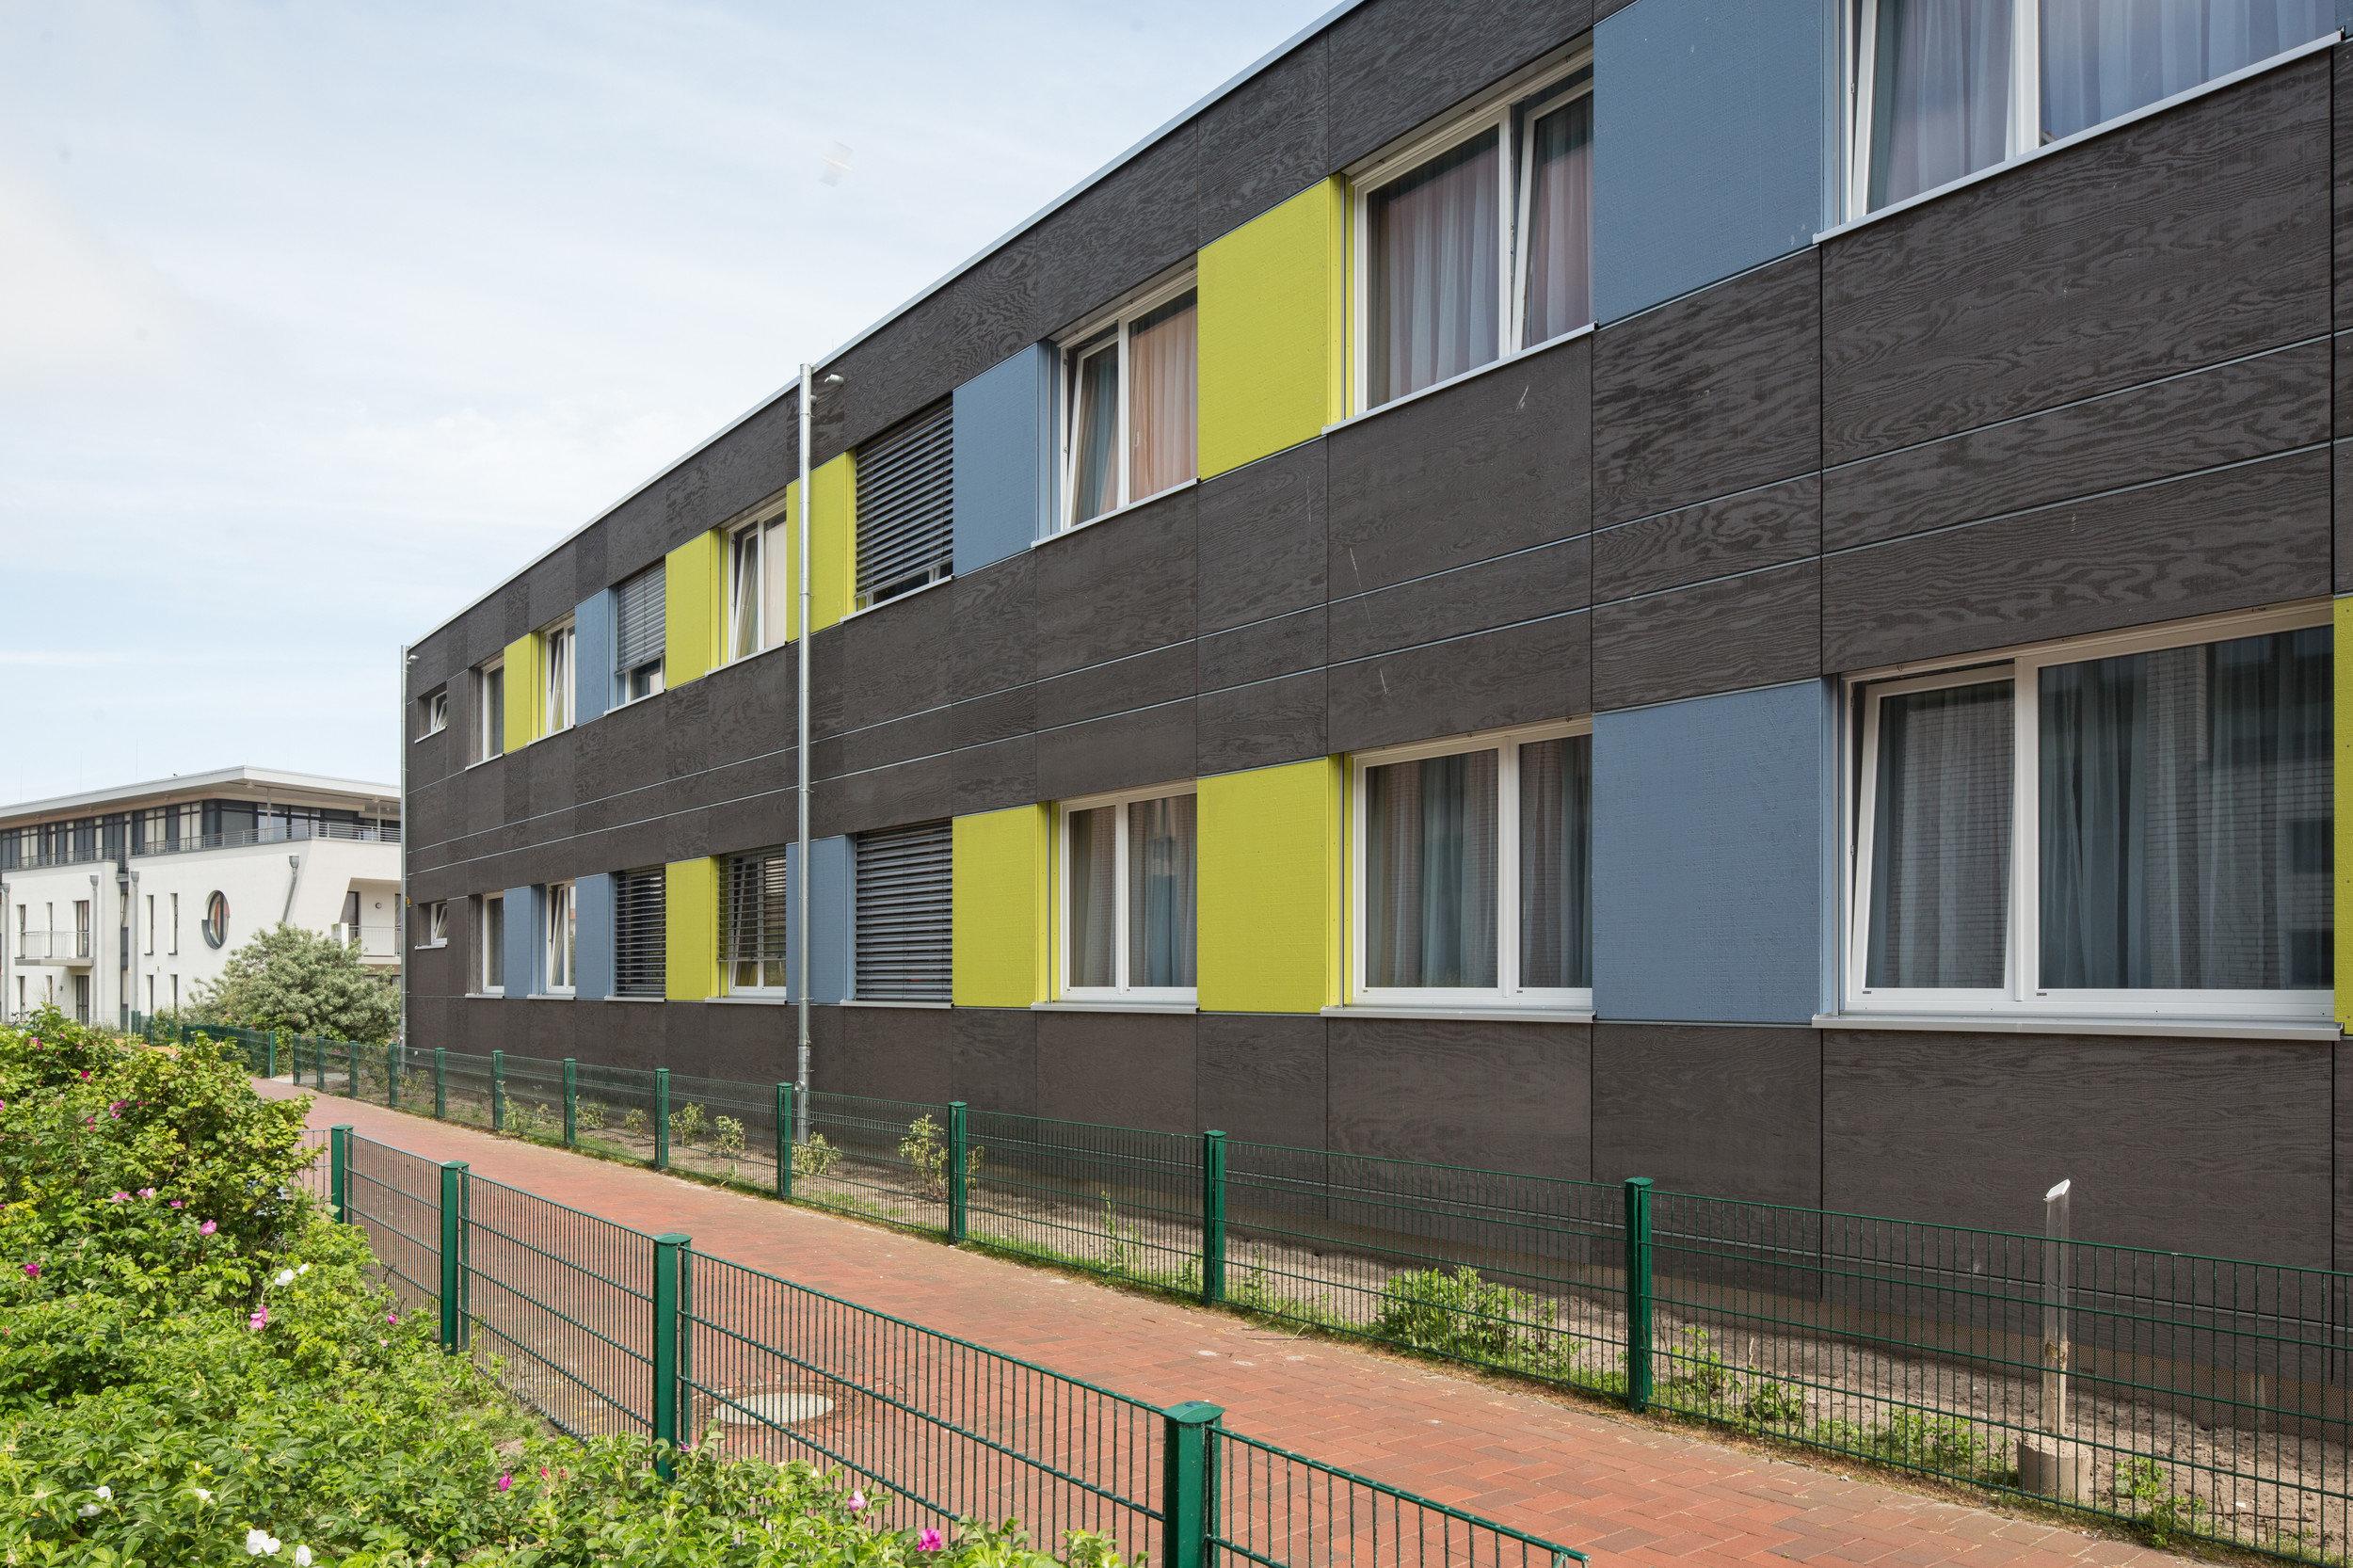 Doppelflügelfenster in gleichmässiger Anordnung bei Modulbau